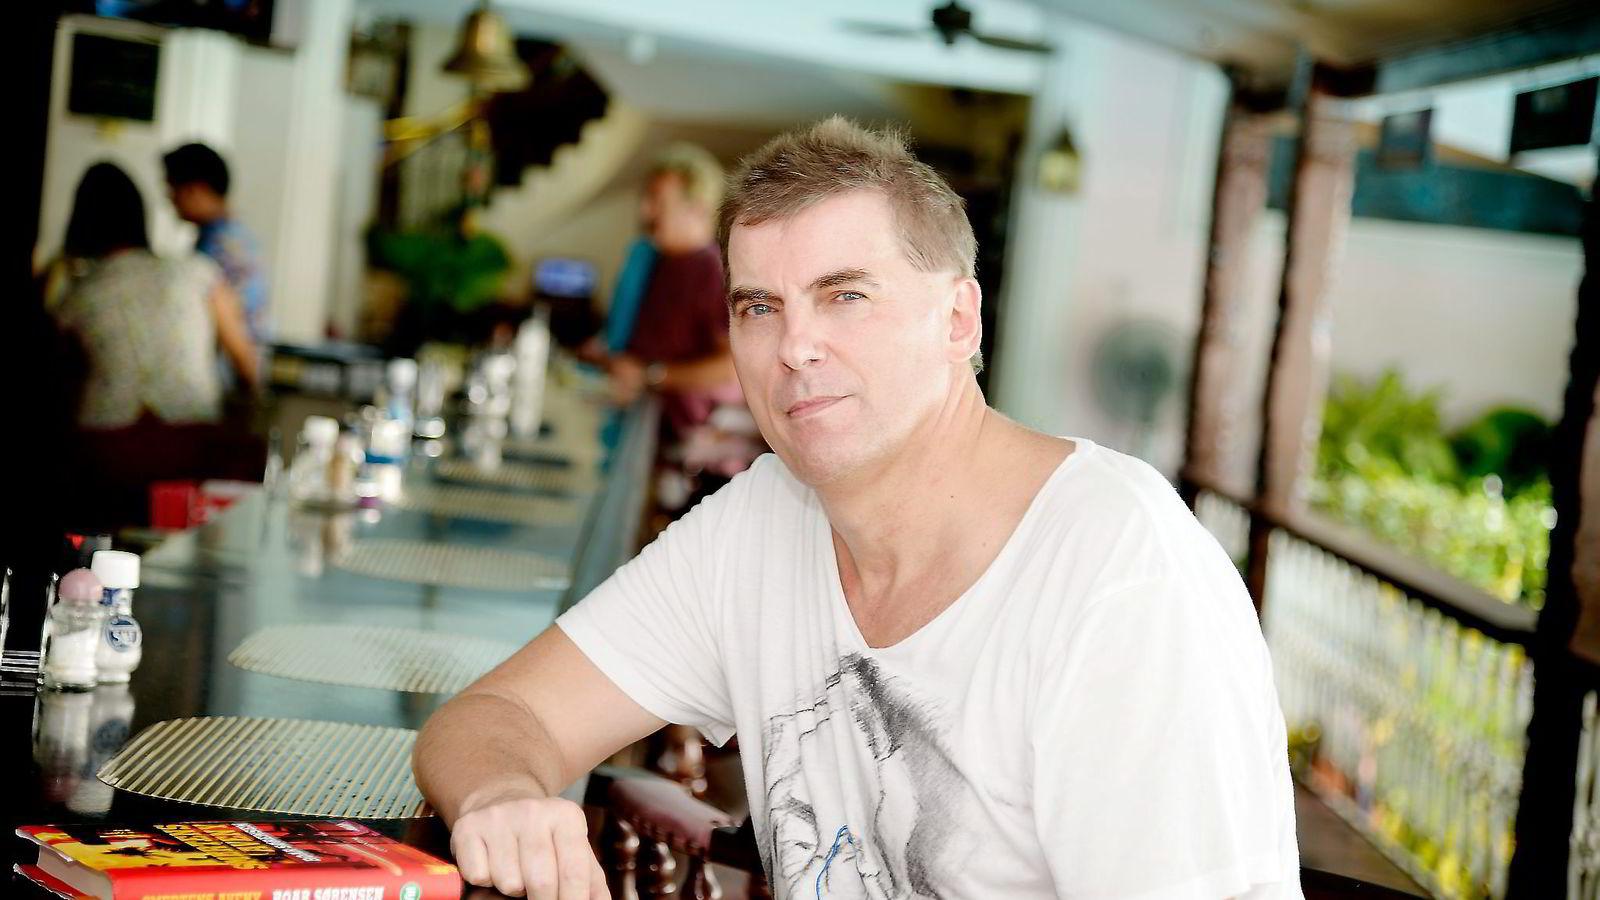 Forfatter Roar Sørensen er nominert til Riverton-prisen. Men medlem av Forfatterforeningen blir han ikke.